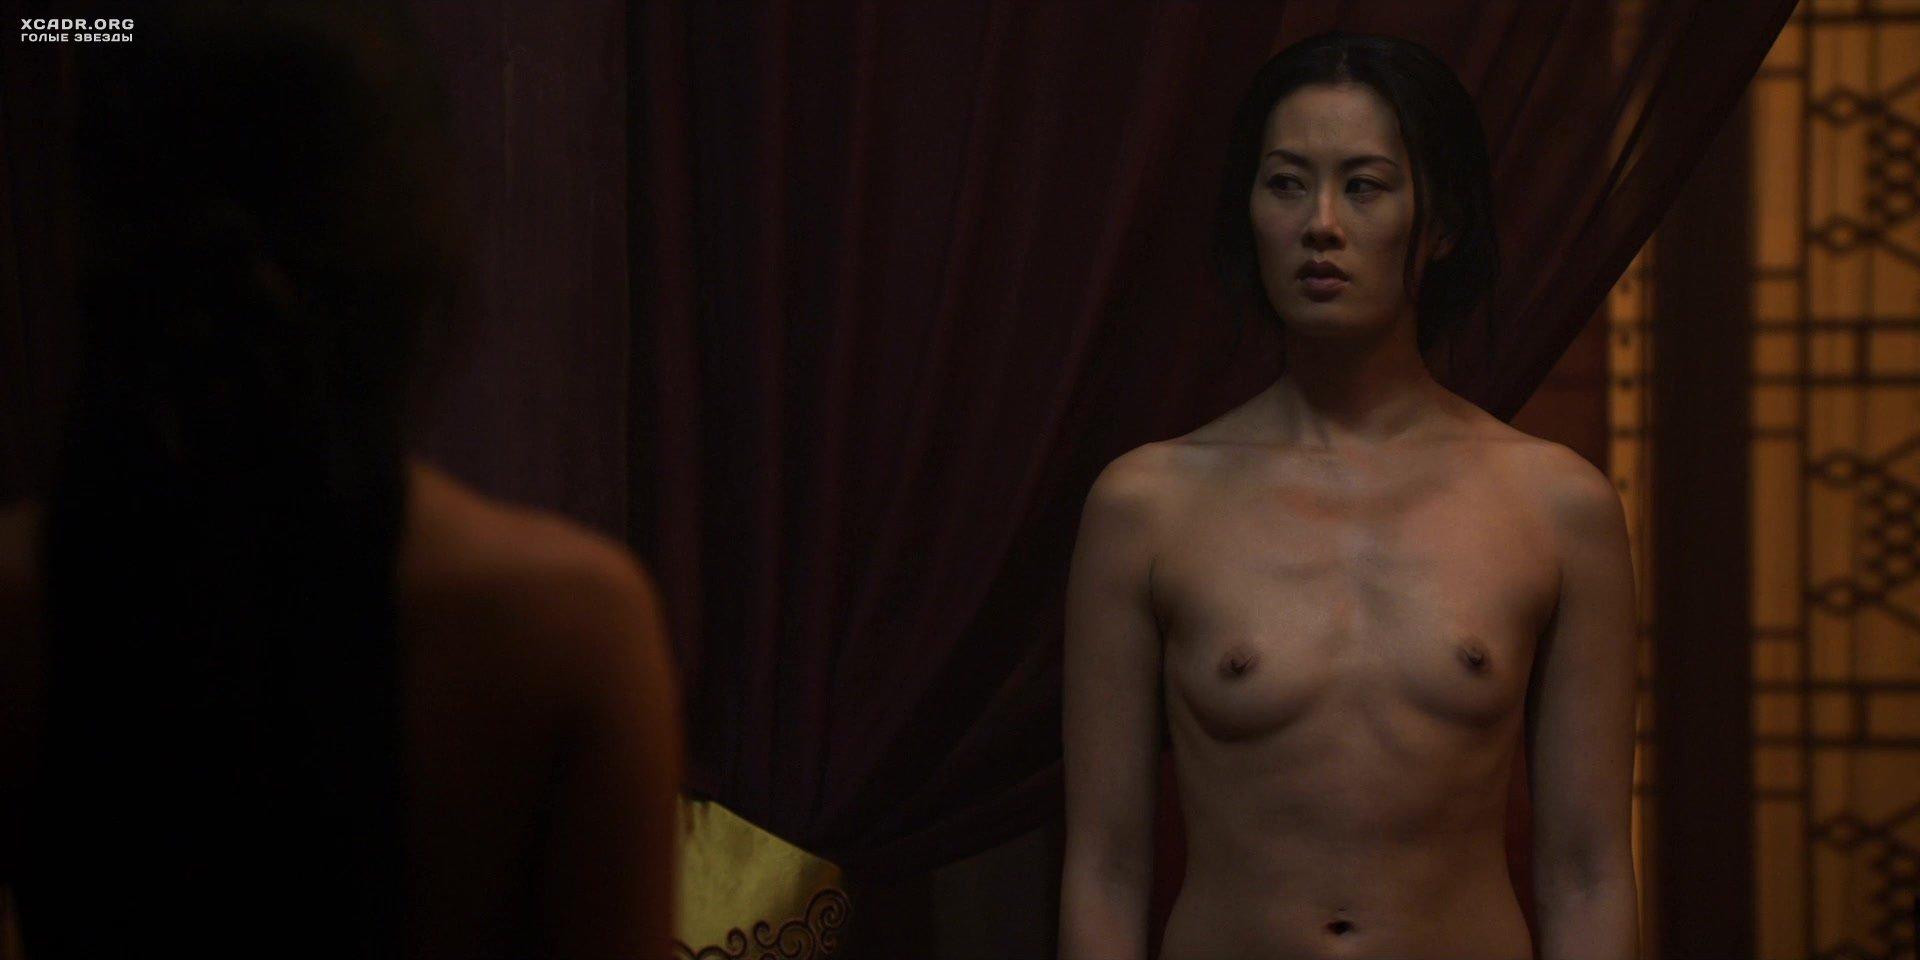 Gta 4 nude scenes adult download